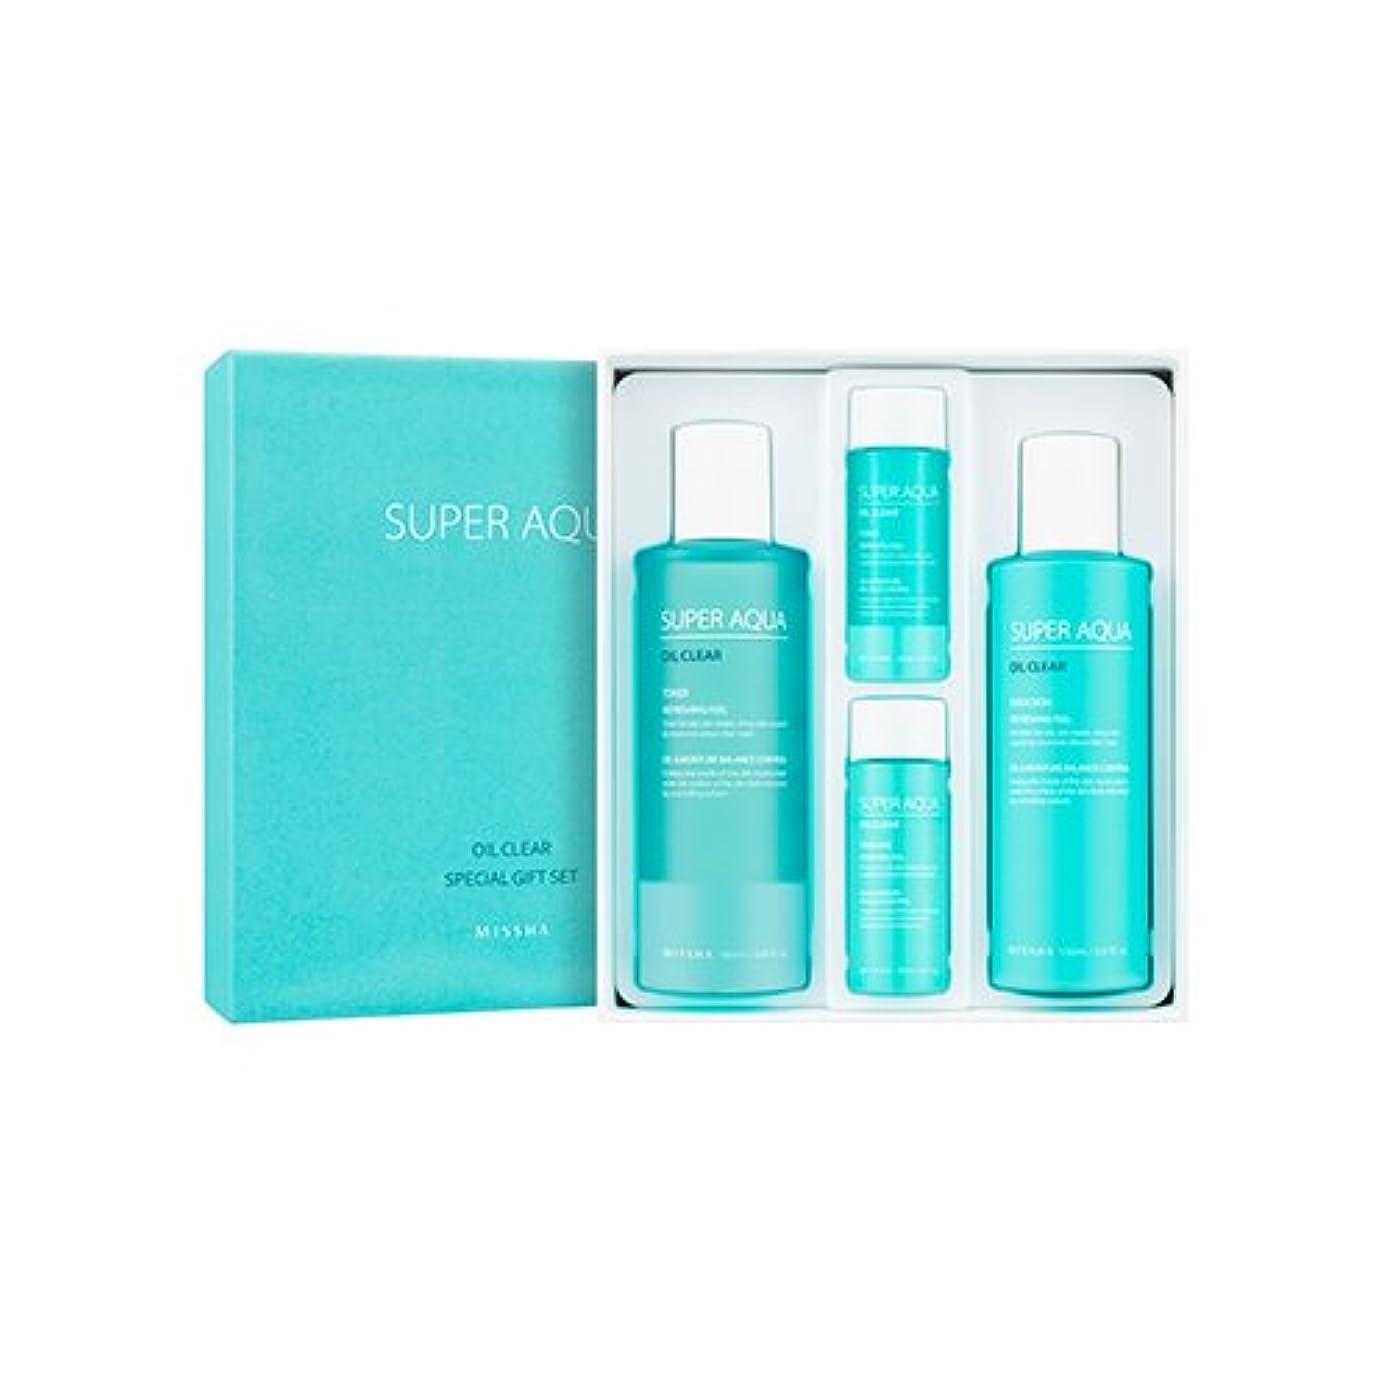 音声ピル不正直MISSHA Super Aqua Oil Clear Special Gift Set/ミシャ スーパーアクアオイルクリアスペシャルギフトセット [並行輸入品]